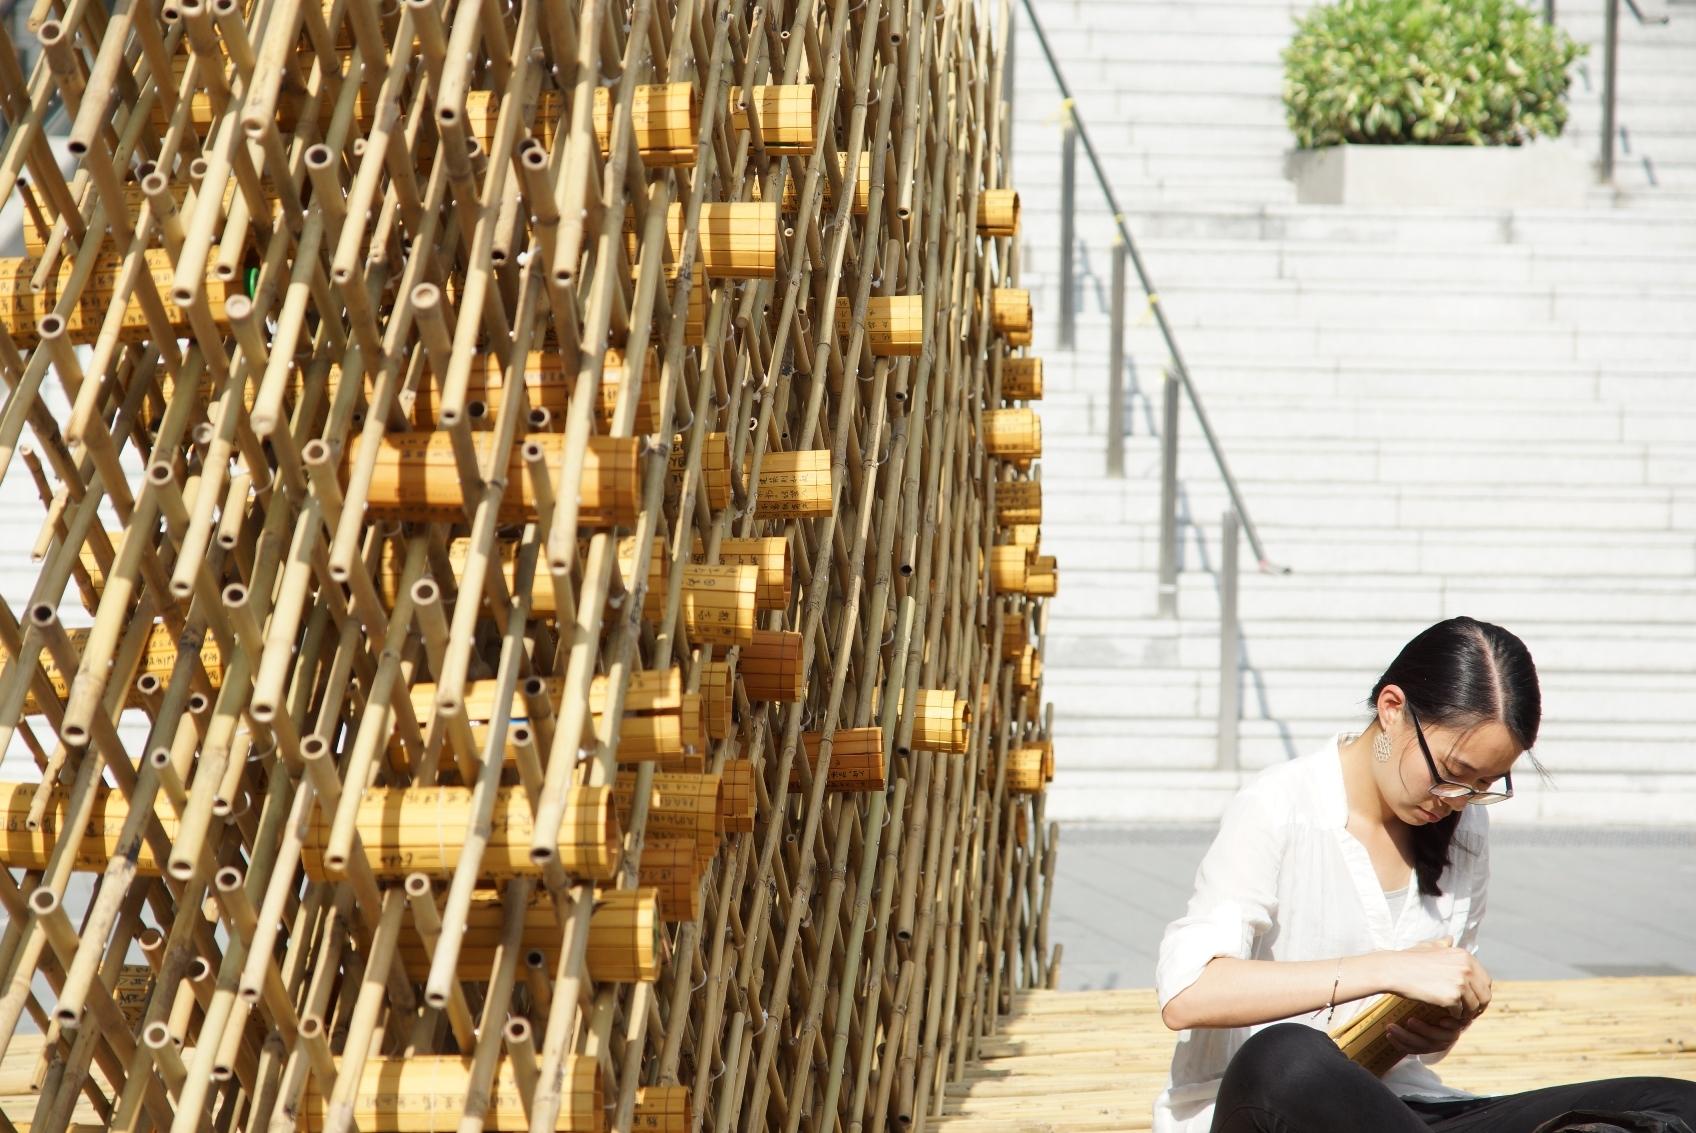 写上感想的竹简展示在康本国际学术园外的篱笆上。